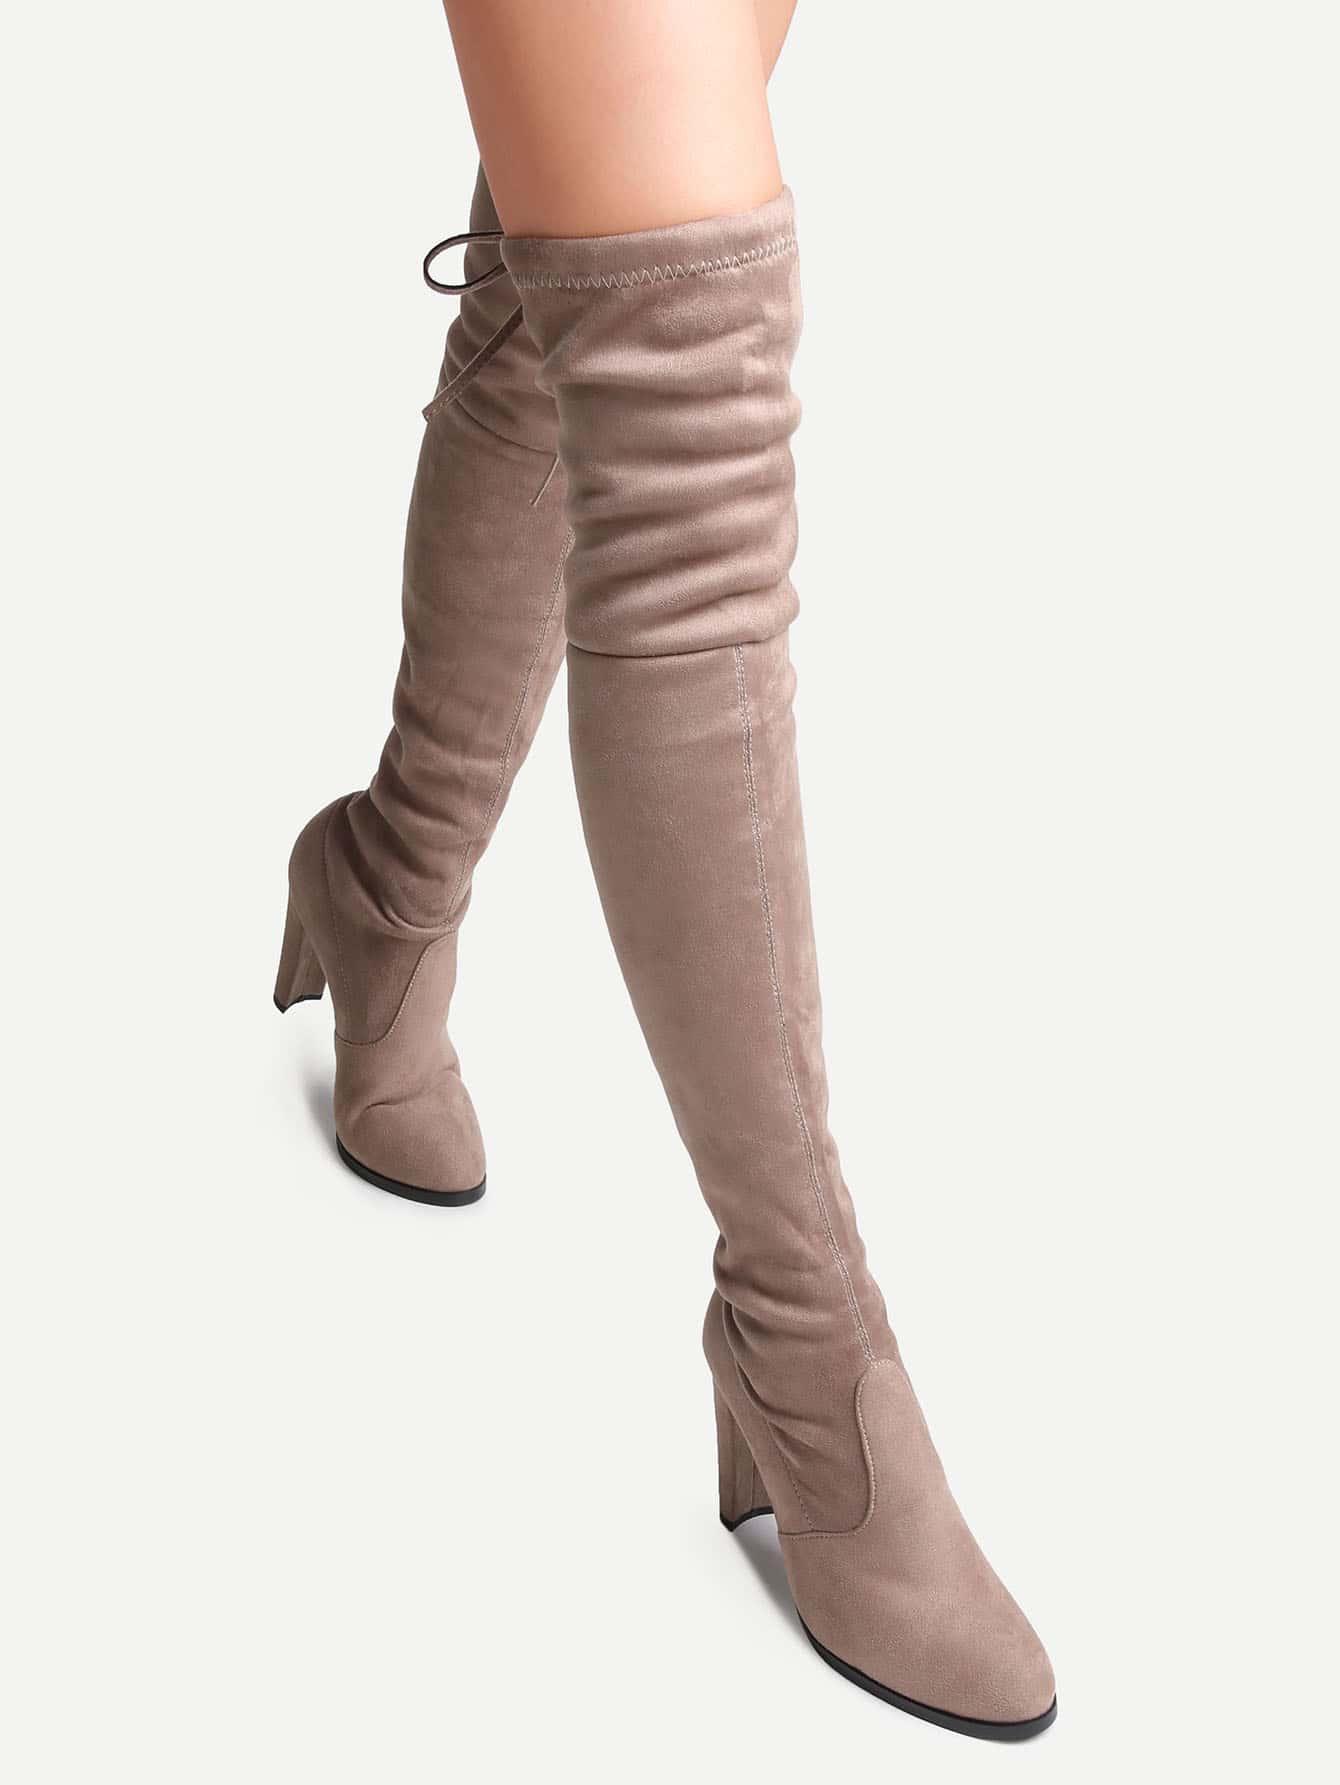 shoes160907808_2